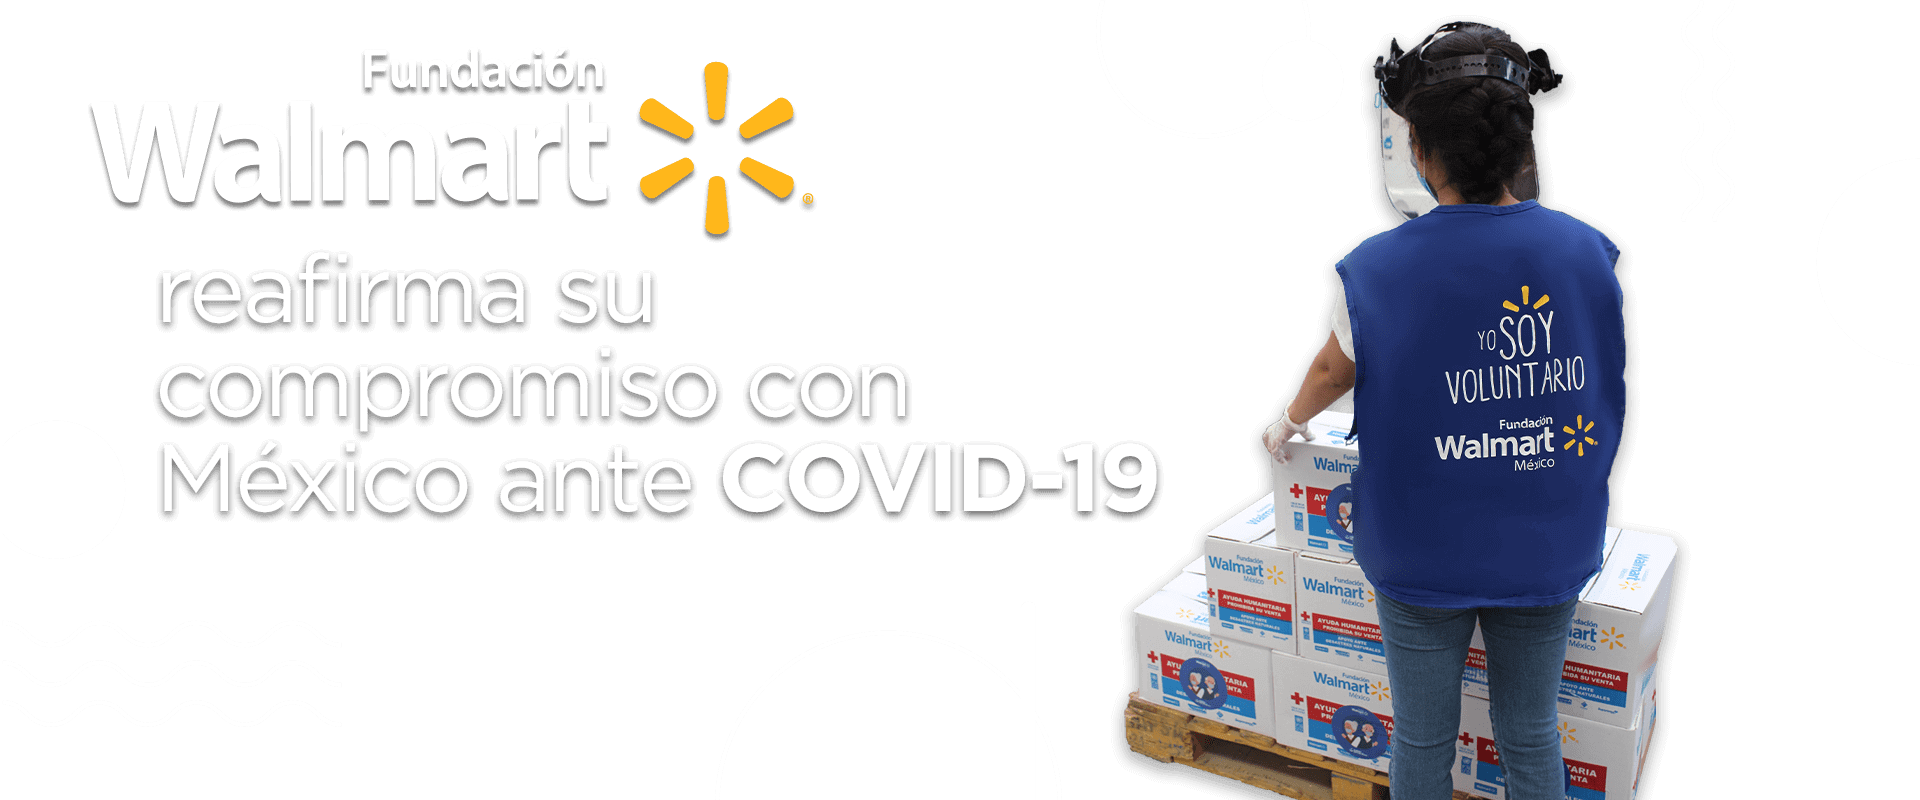 Fundacion Walmart reafirma su compromiso con México ante COVID-19